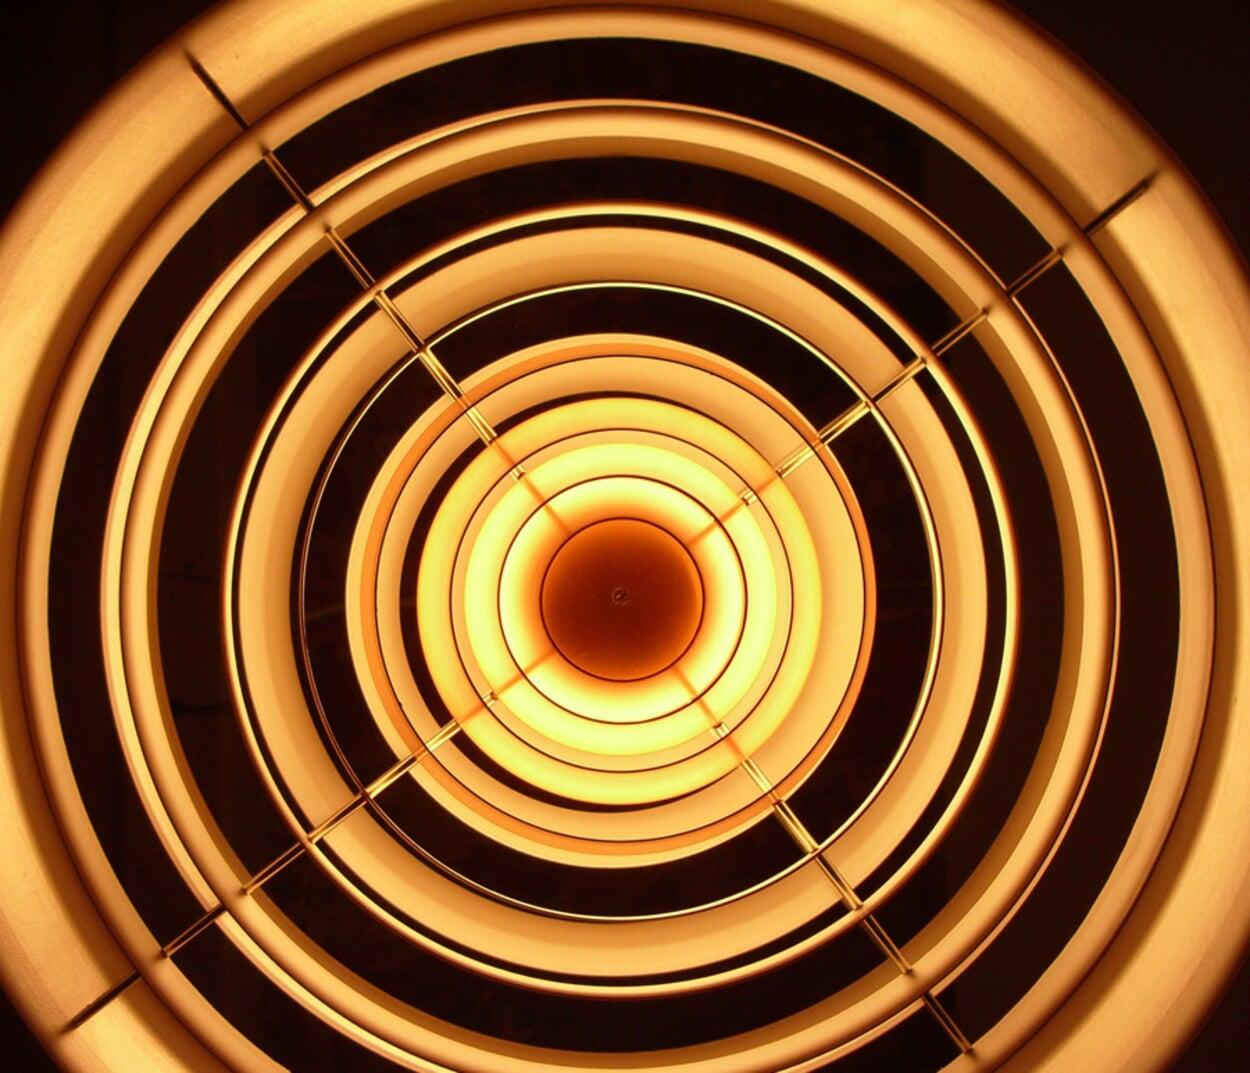 Die Spirale von unten